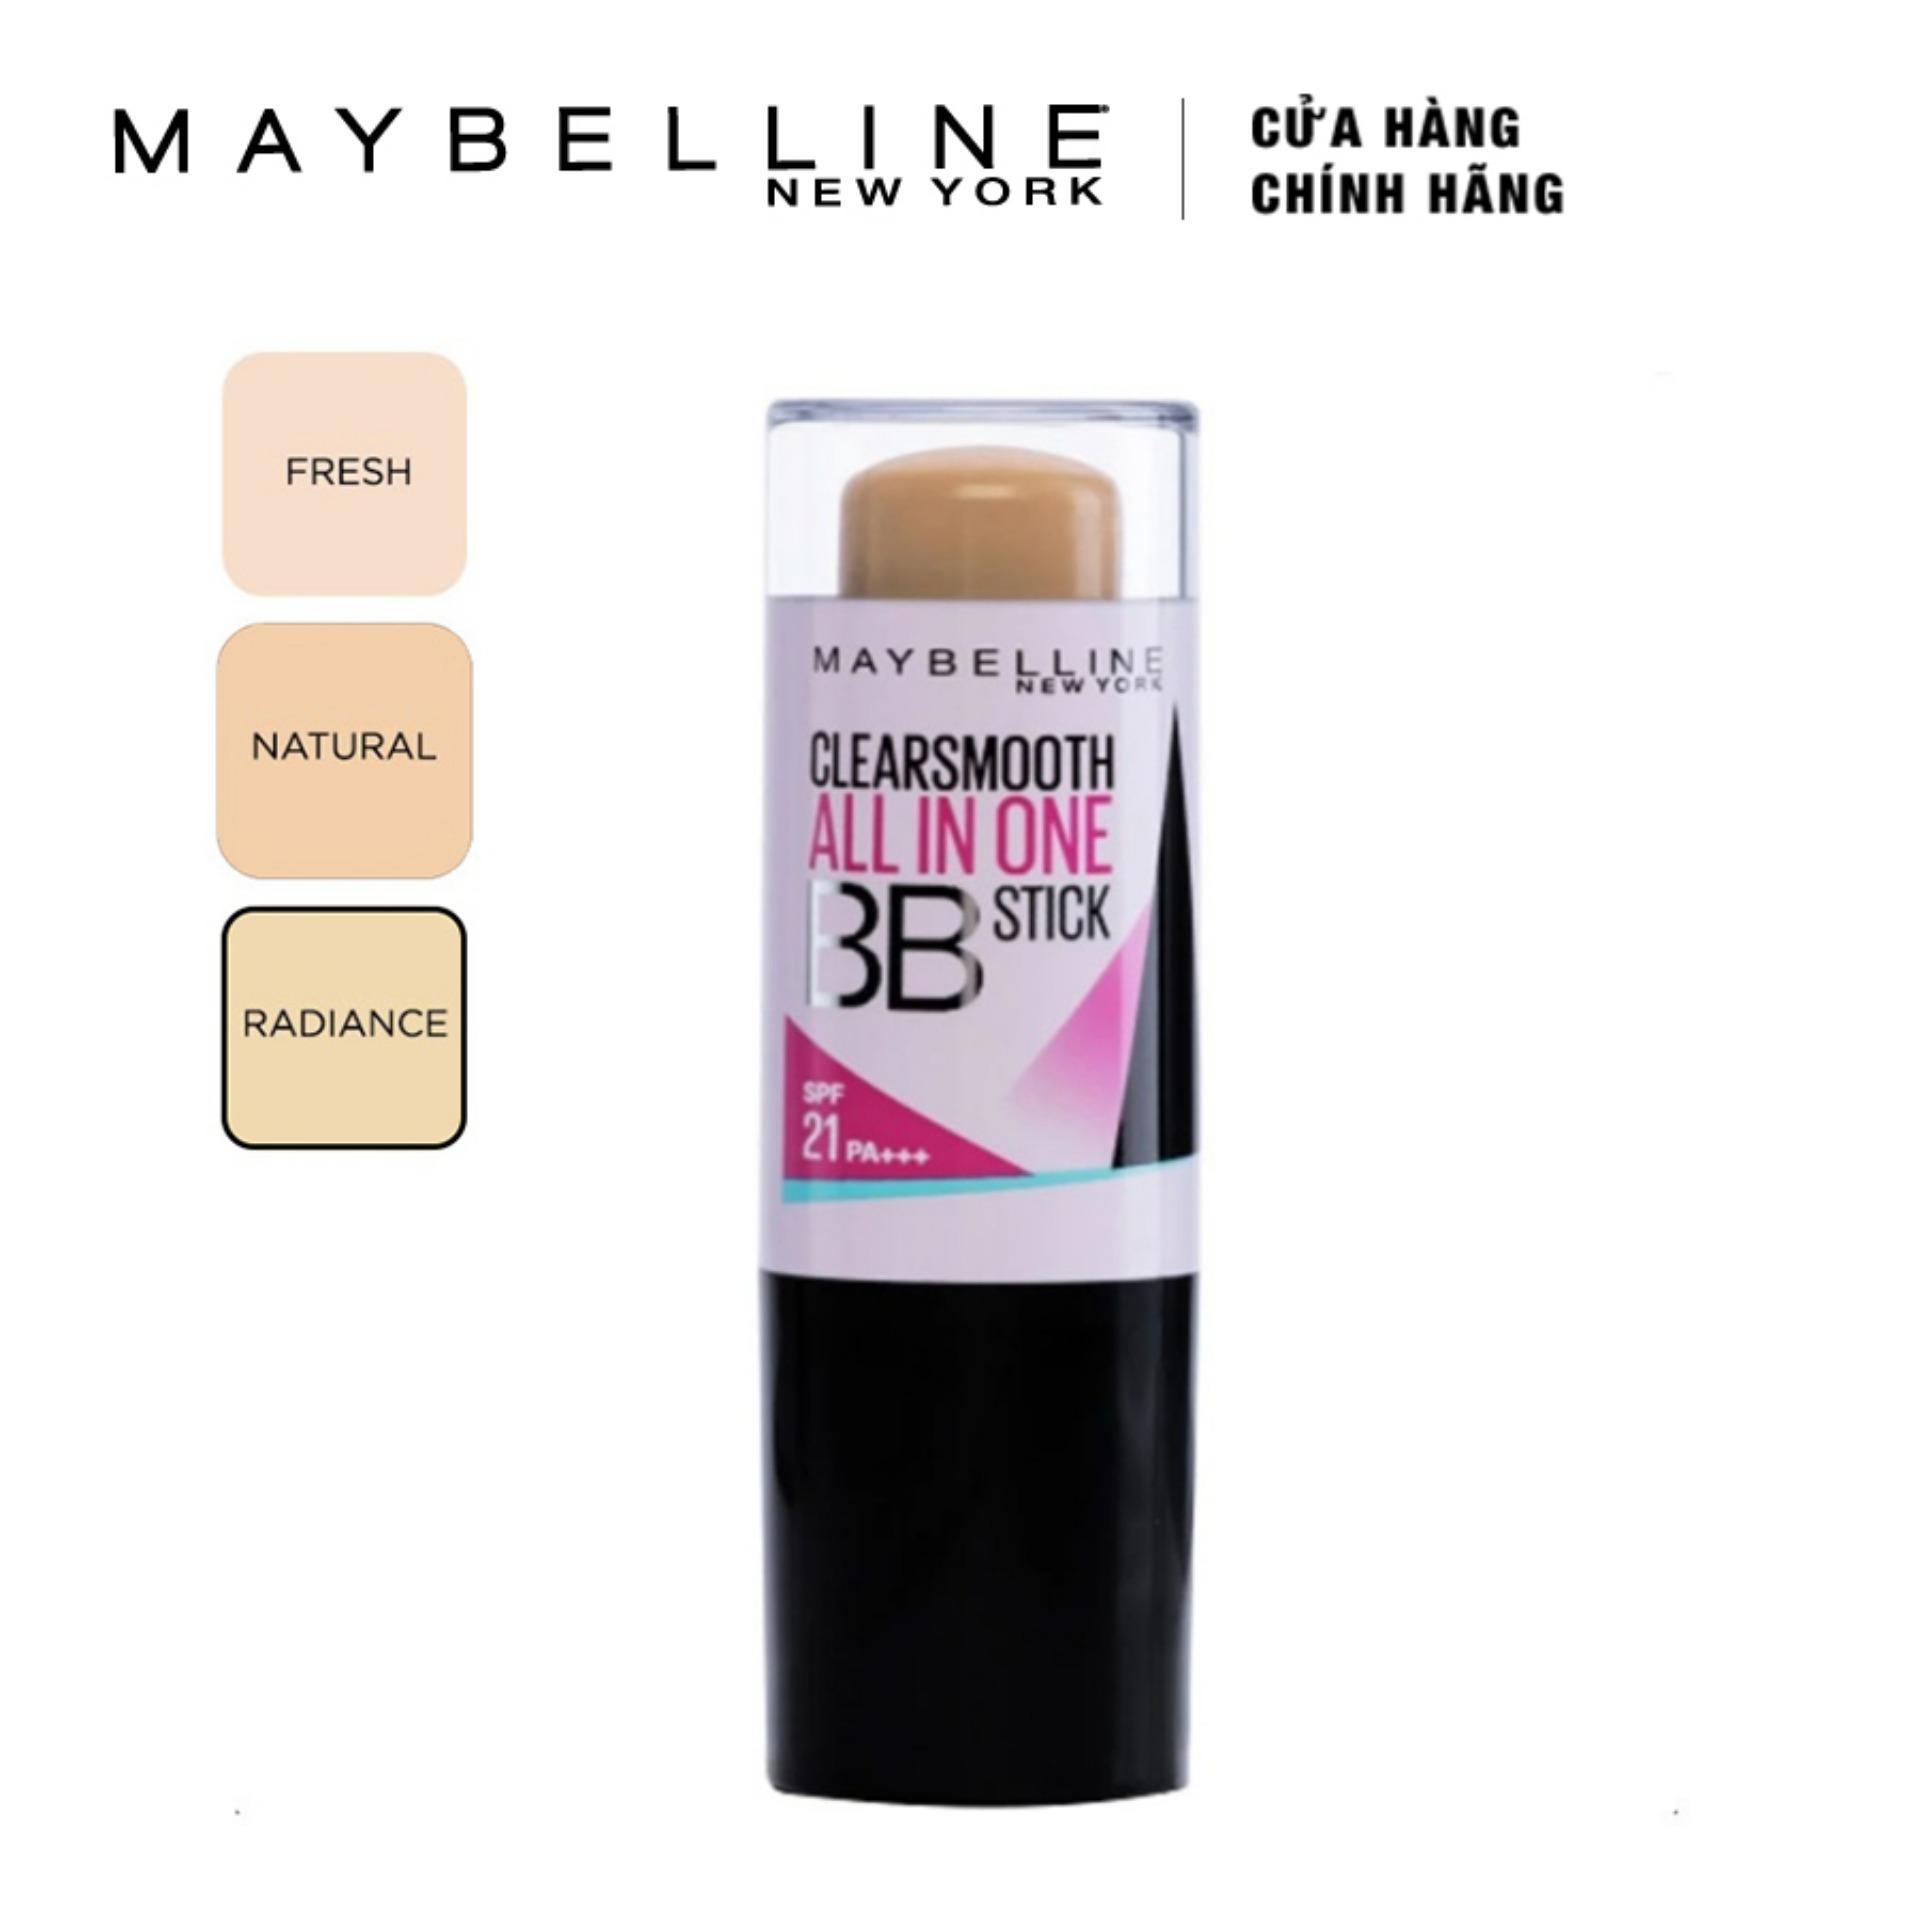 Son dưỡng môi chuyển màu MAYBELLINE Bloom Pink Blossom 1.7g